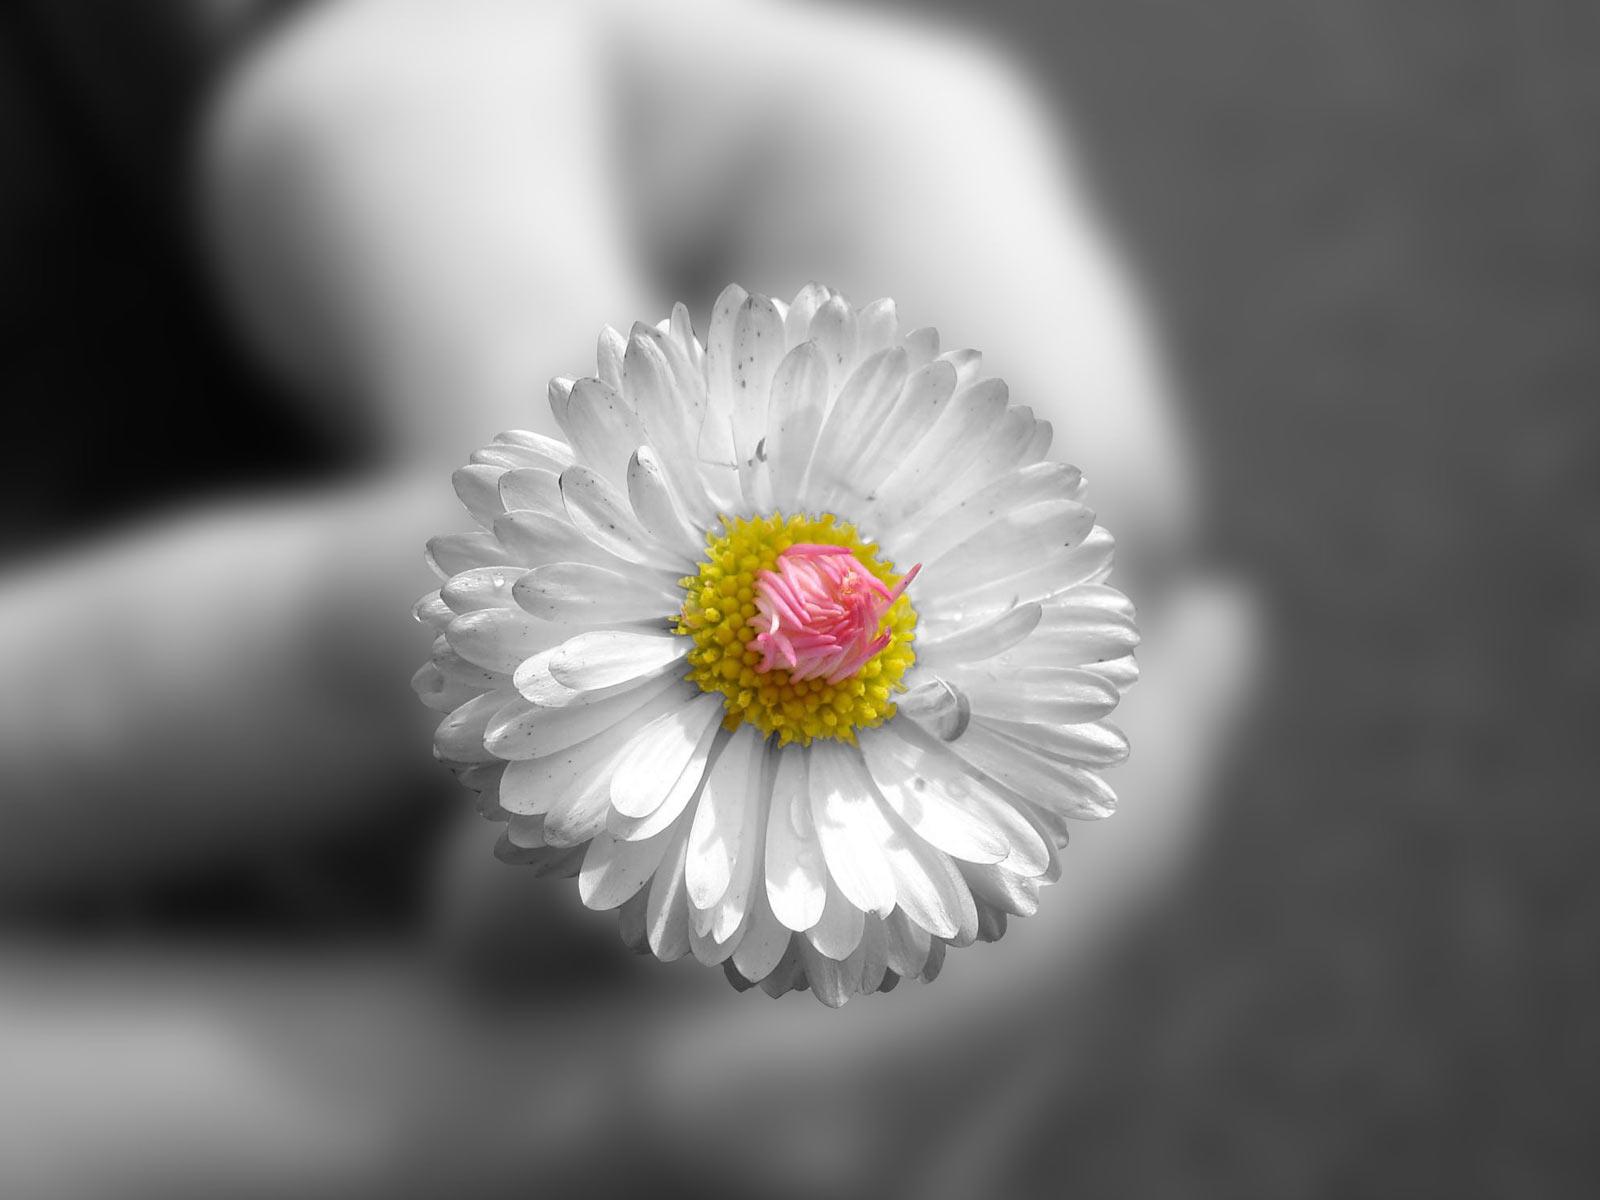 http://4.bp.blogspot.com/_5ZP5VnVQE-o/THLIhK0vK8I/AAAAAAAAAC8/L2Yierkt8Kw/s1600/+Desktop+Wallpaper+%C2%B7+Gallery+%C2%B7+Nature++Summer+Flower.jpg